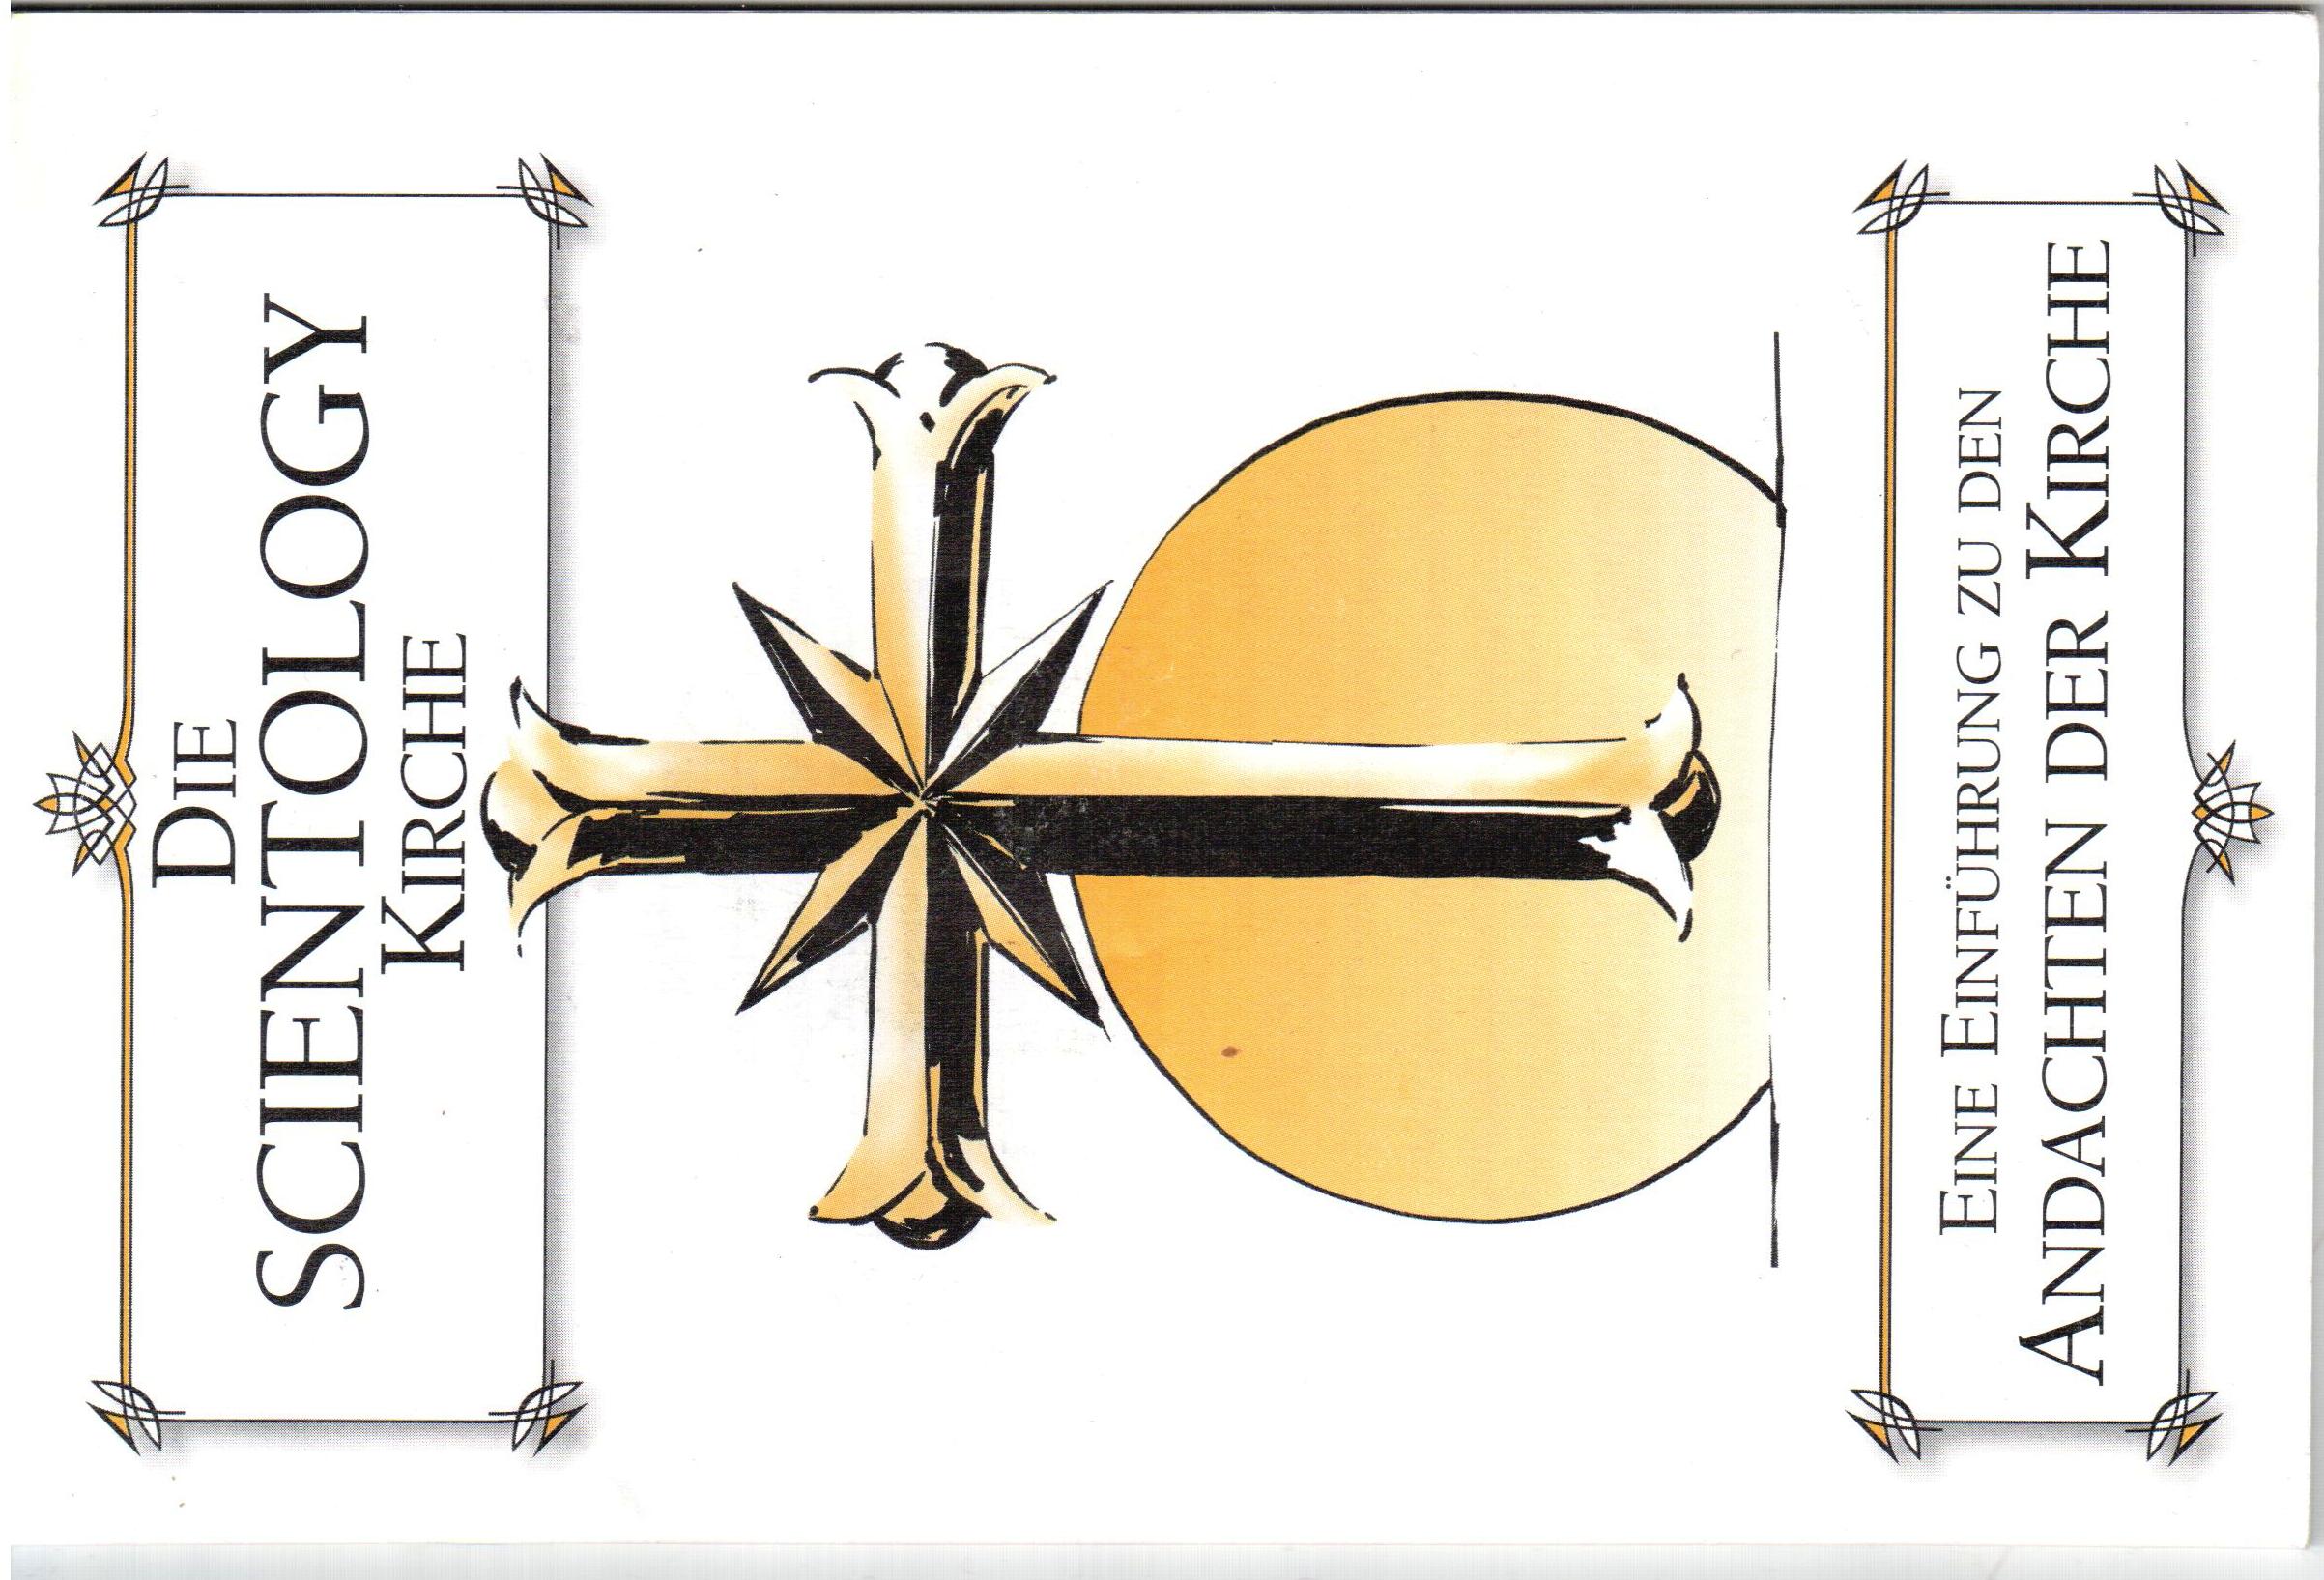 eine gebrauchsanweisung fr den sonntagsdienst samt glaubensbekenntnis per klick kommst du zum vollstndigen pdf - Gelbe Sthle Passen Zu Welcher Kche